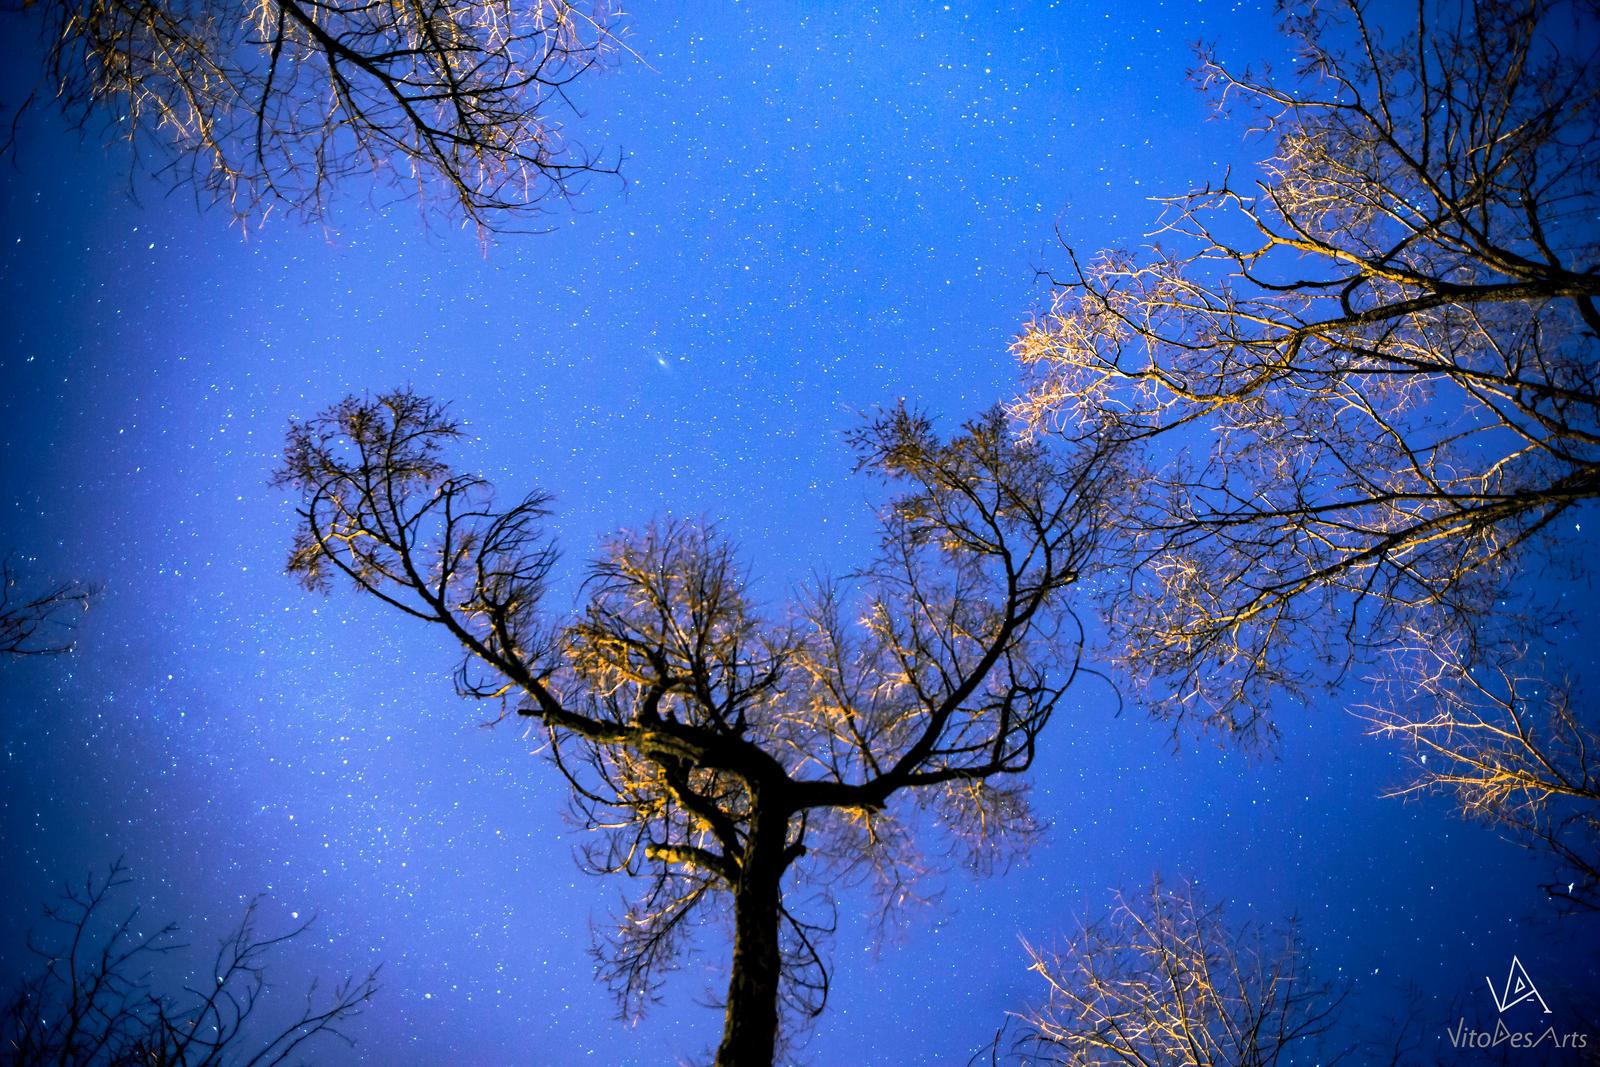 Tree many stars by VitoDesArts